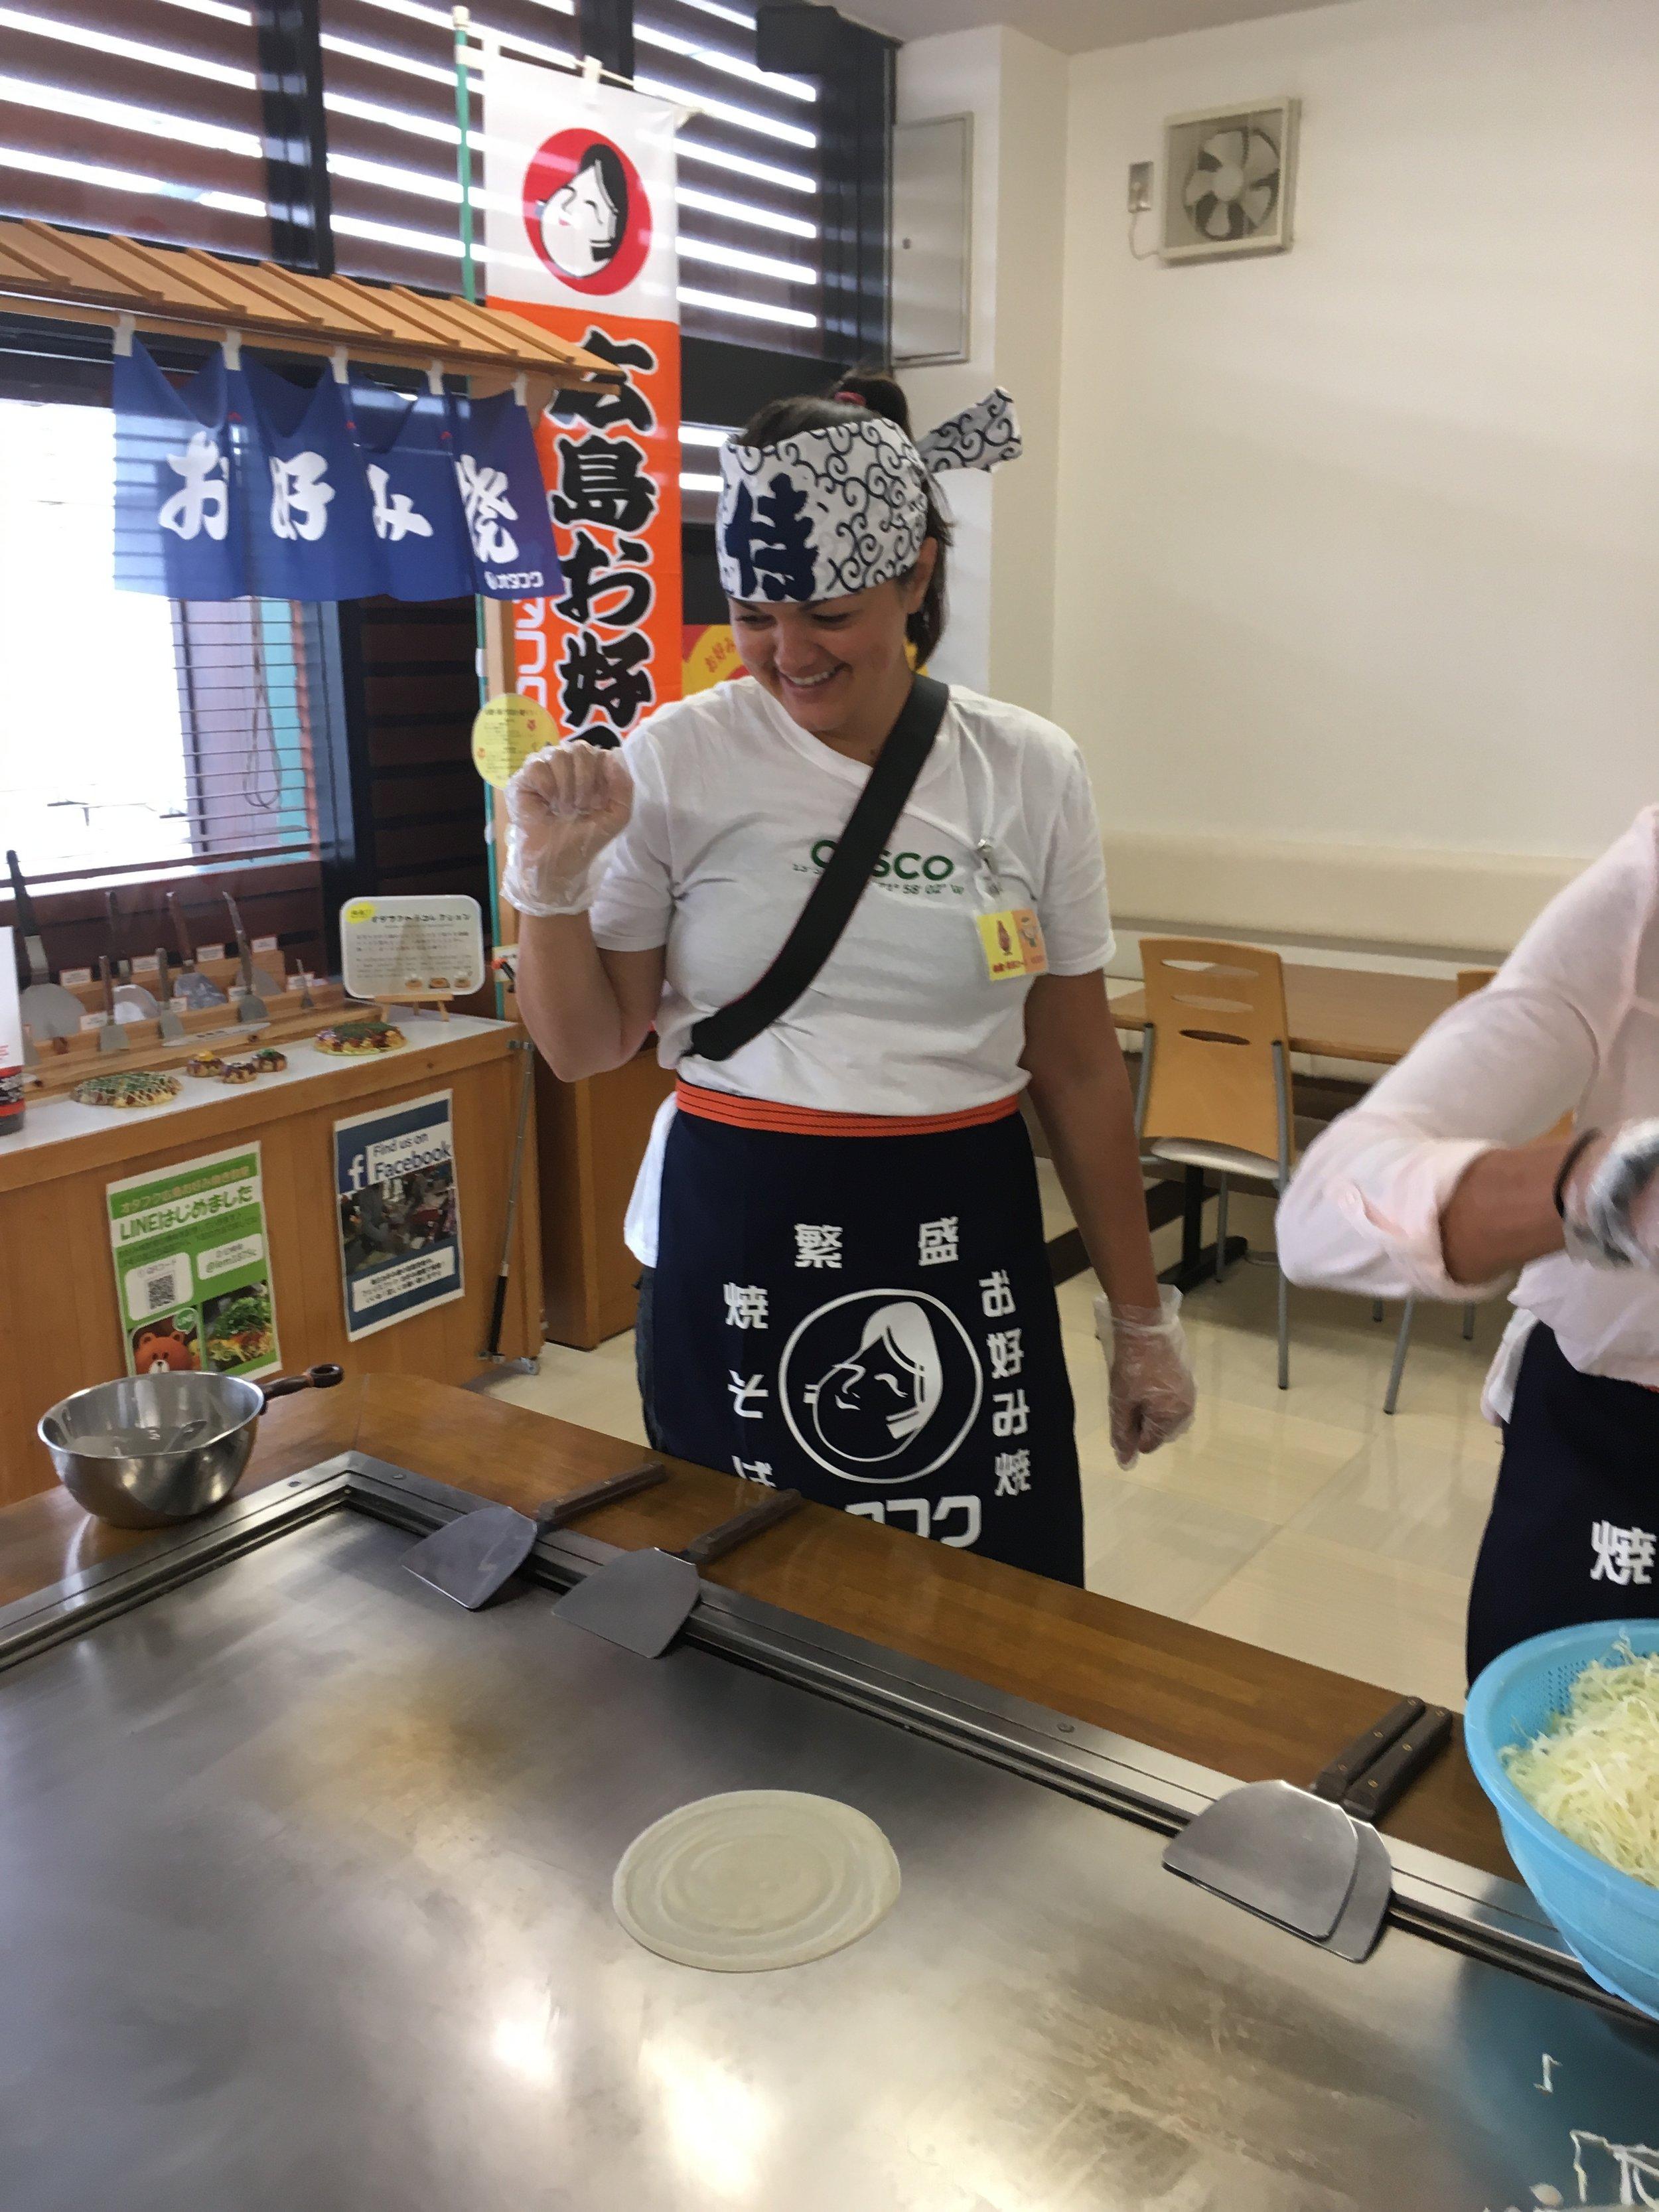 Proud of my okonomiyaki at the Otafuku factory